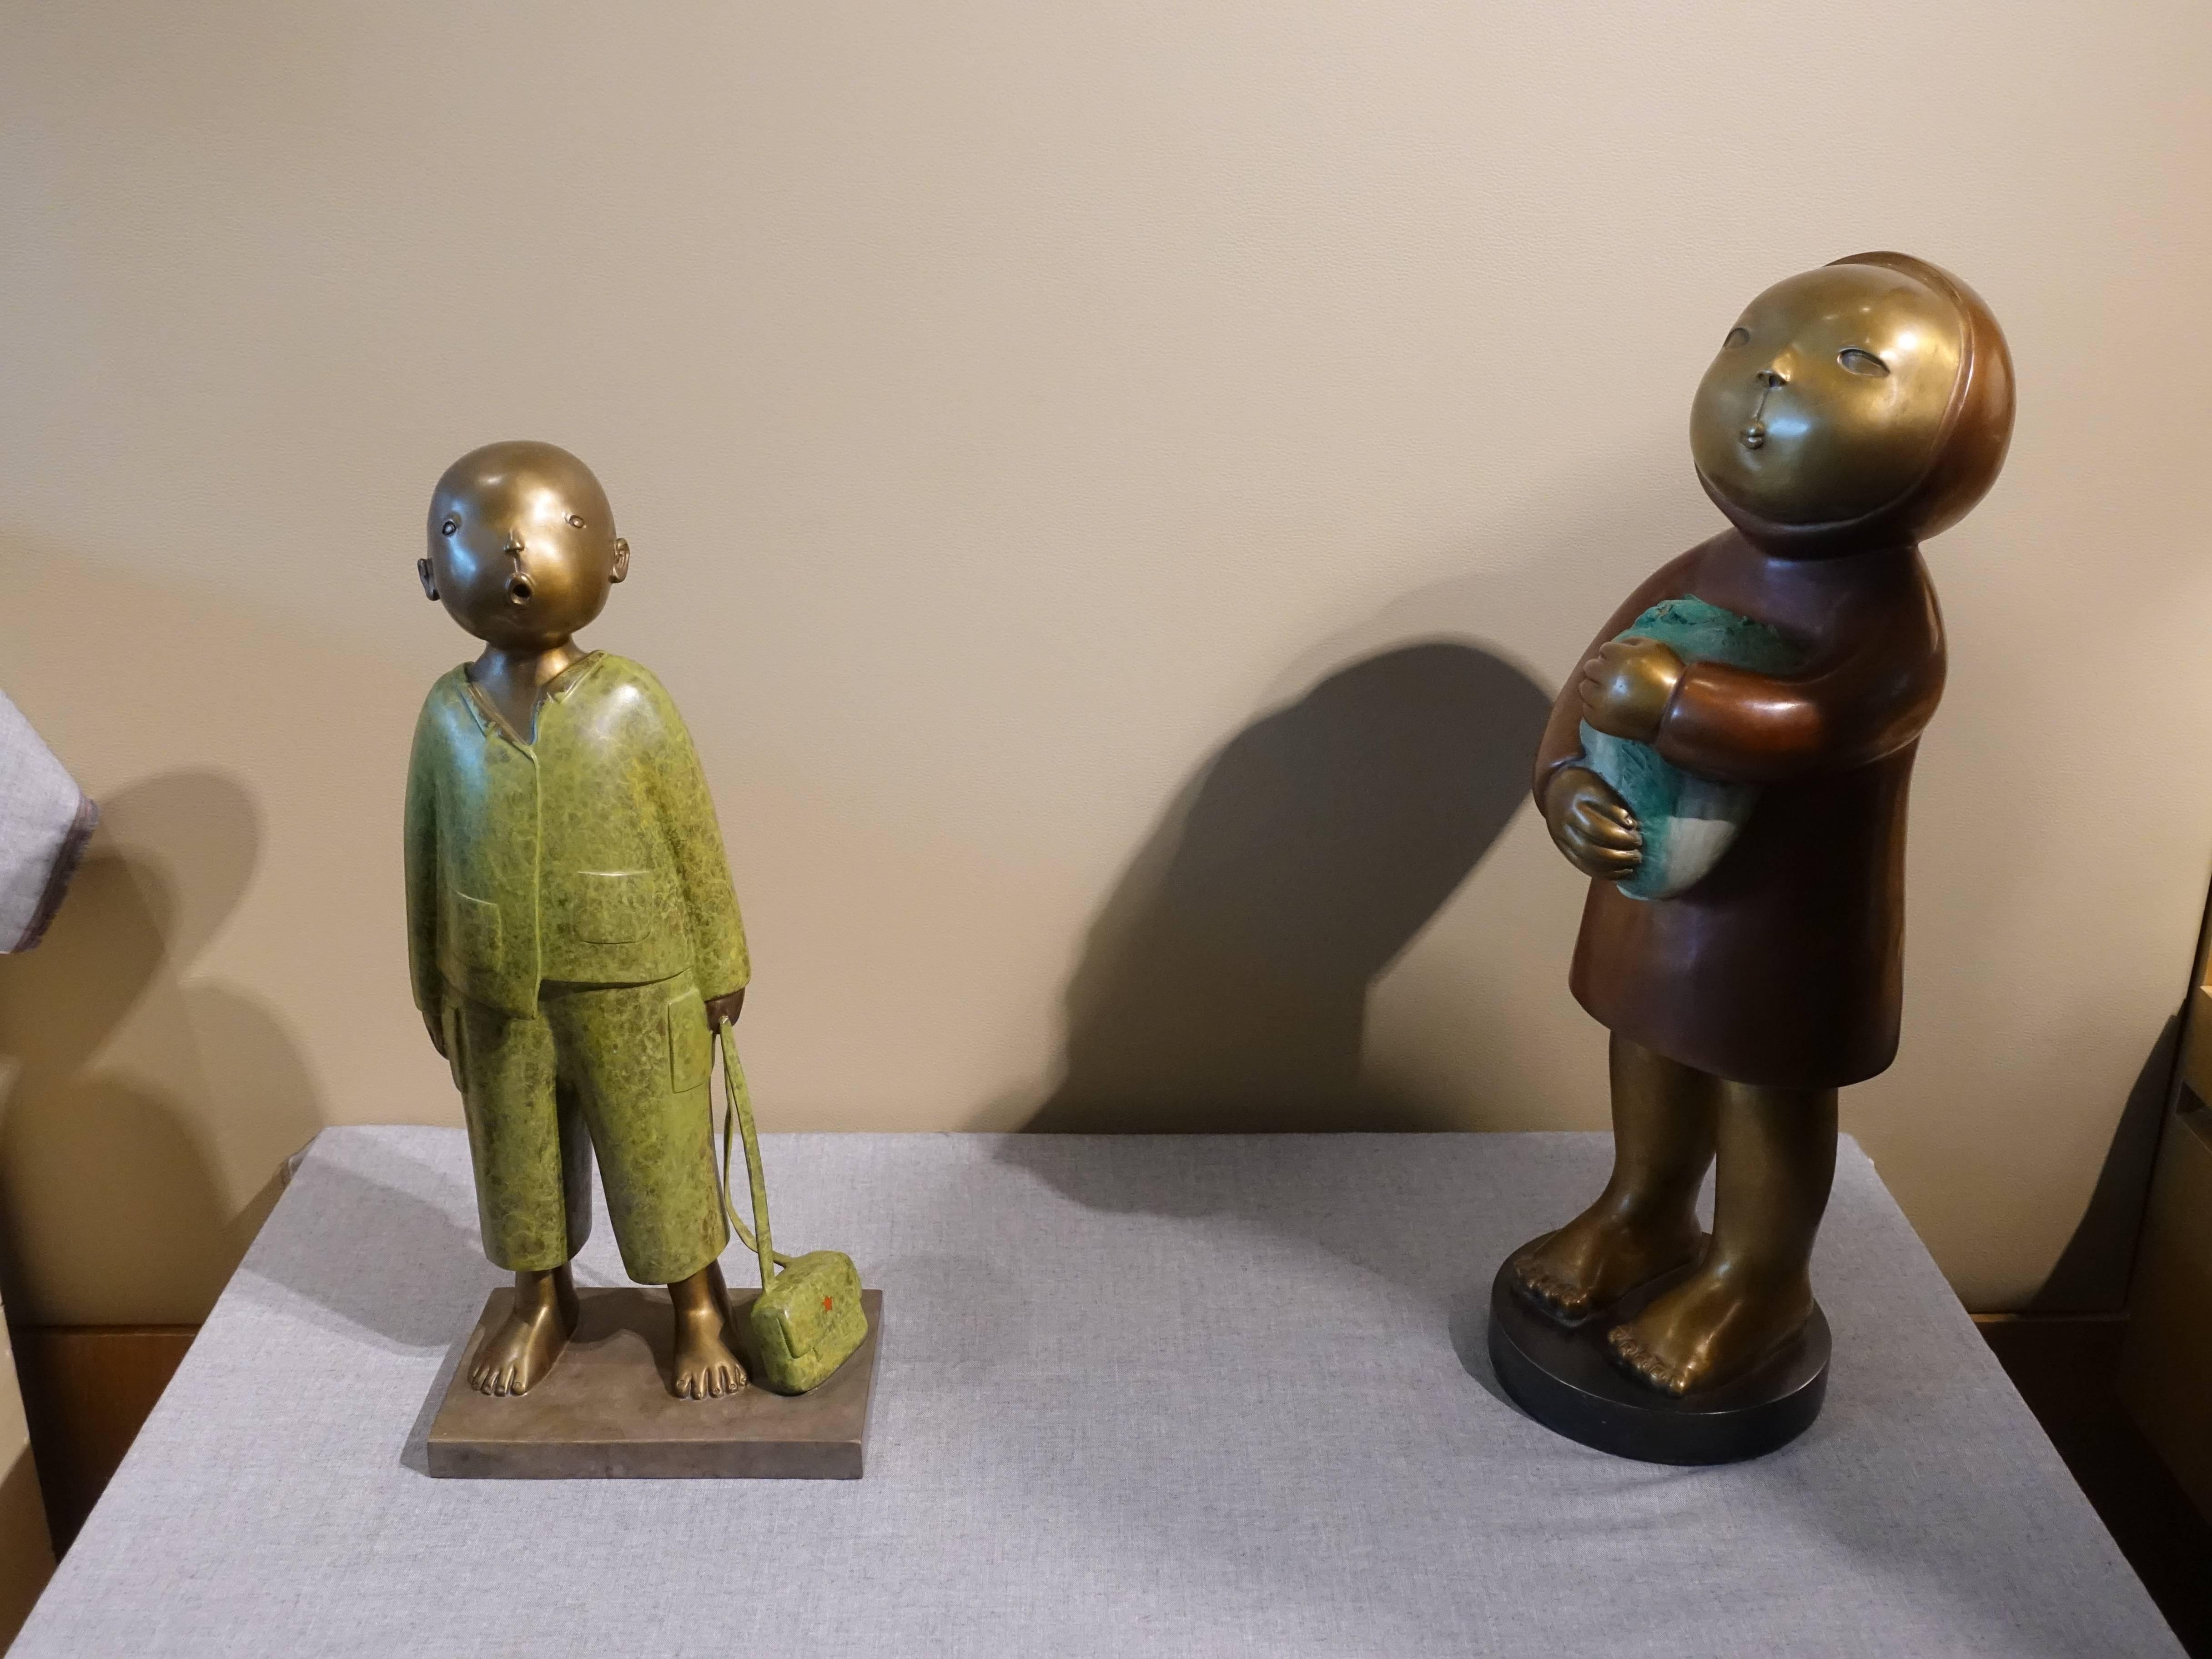 時代畫廊藝術家 - 張慧,《誰也不能阻擋我唱歌》,12 x 19 x 45 cm,1/18,青銅,2017(左); 《年》,52 x 29 x 15 cm,3/30,青銅,2018(右)。